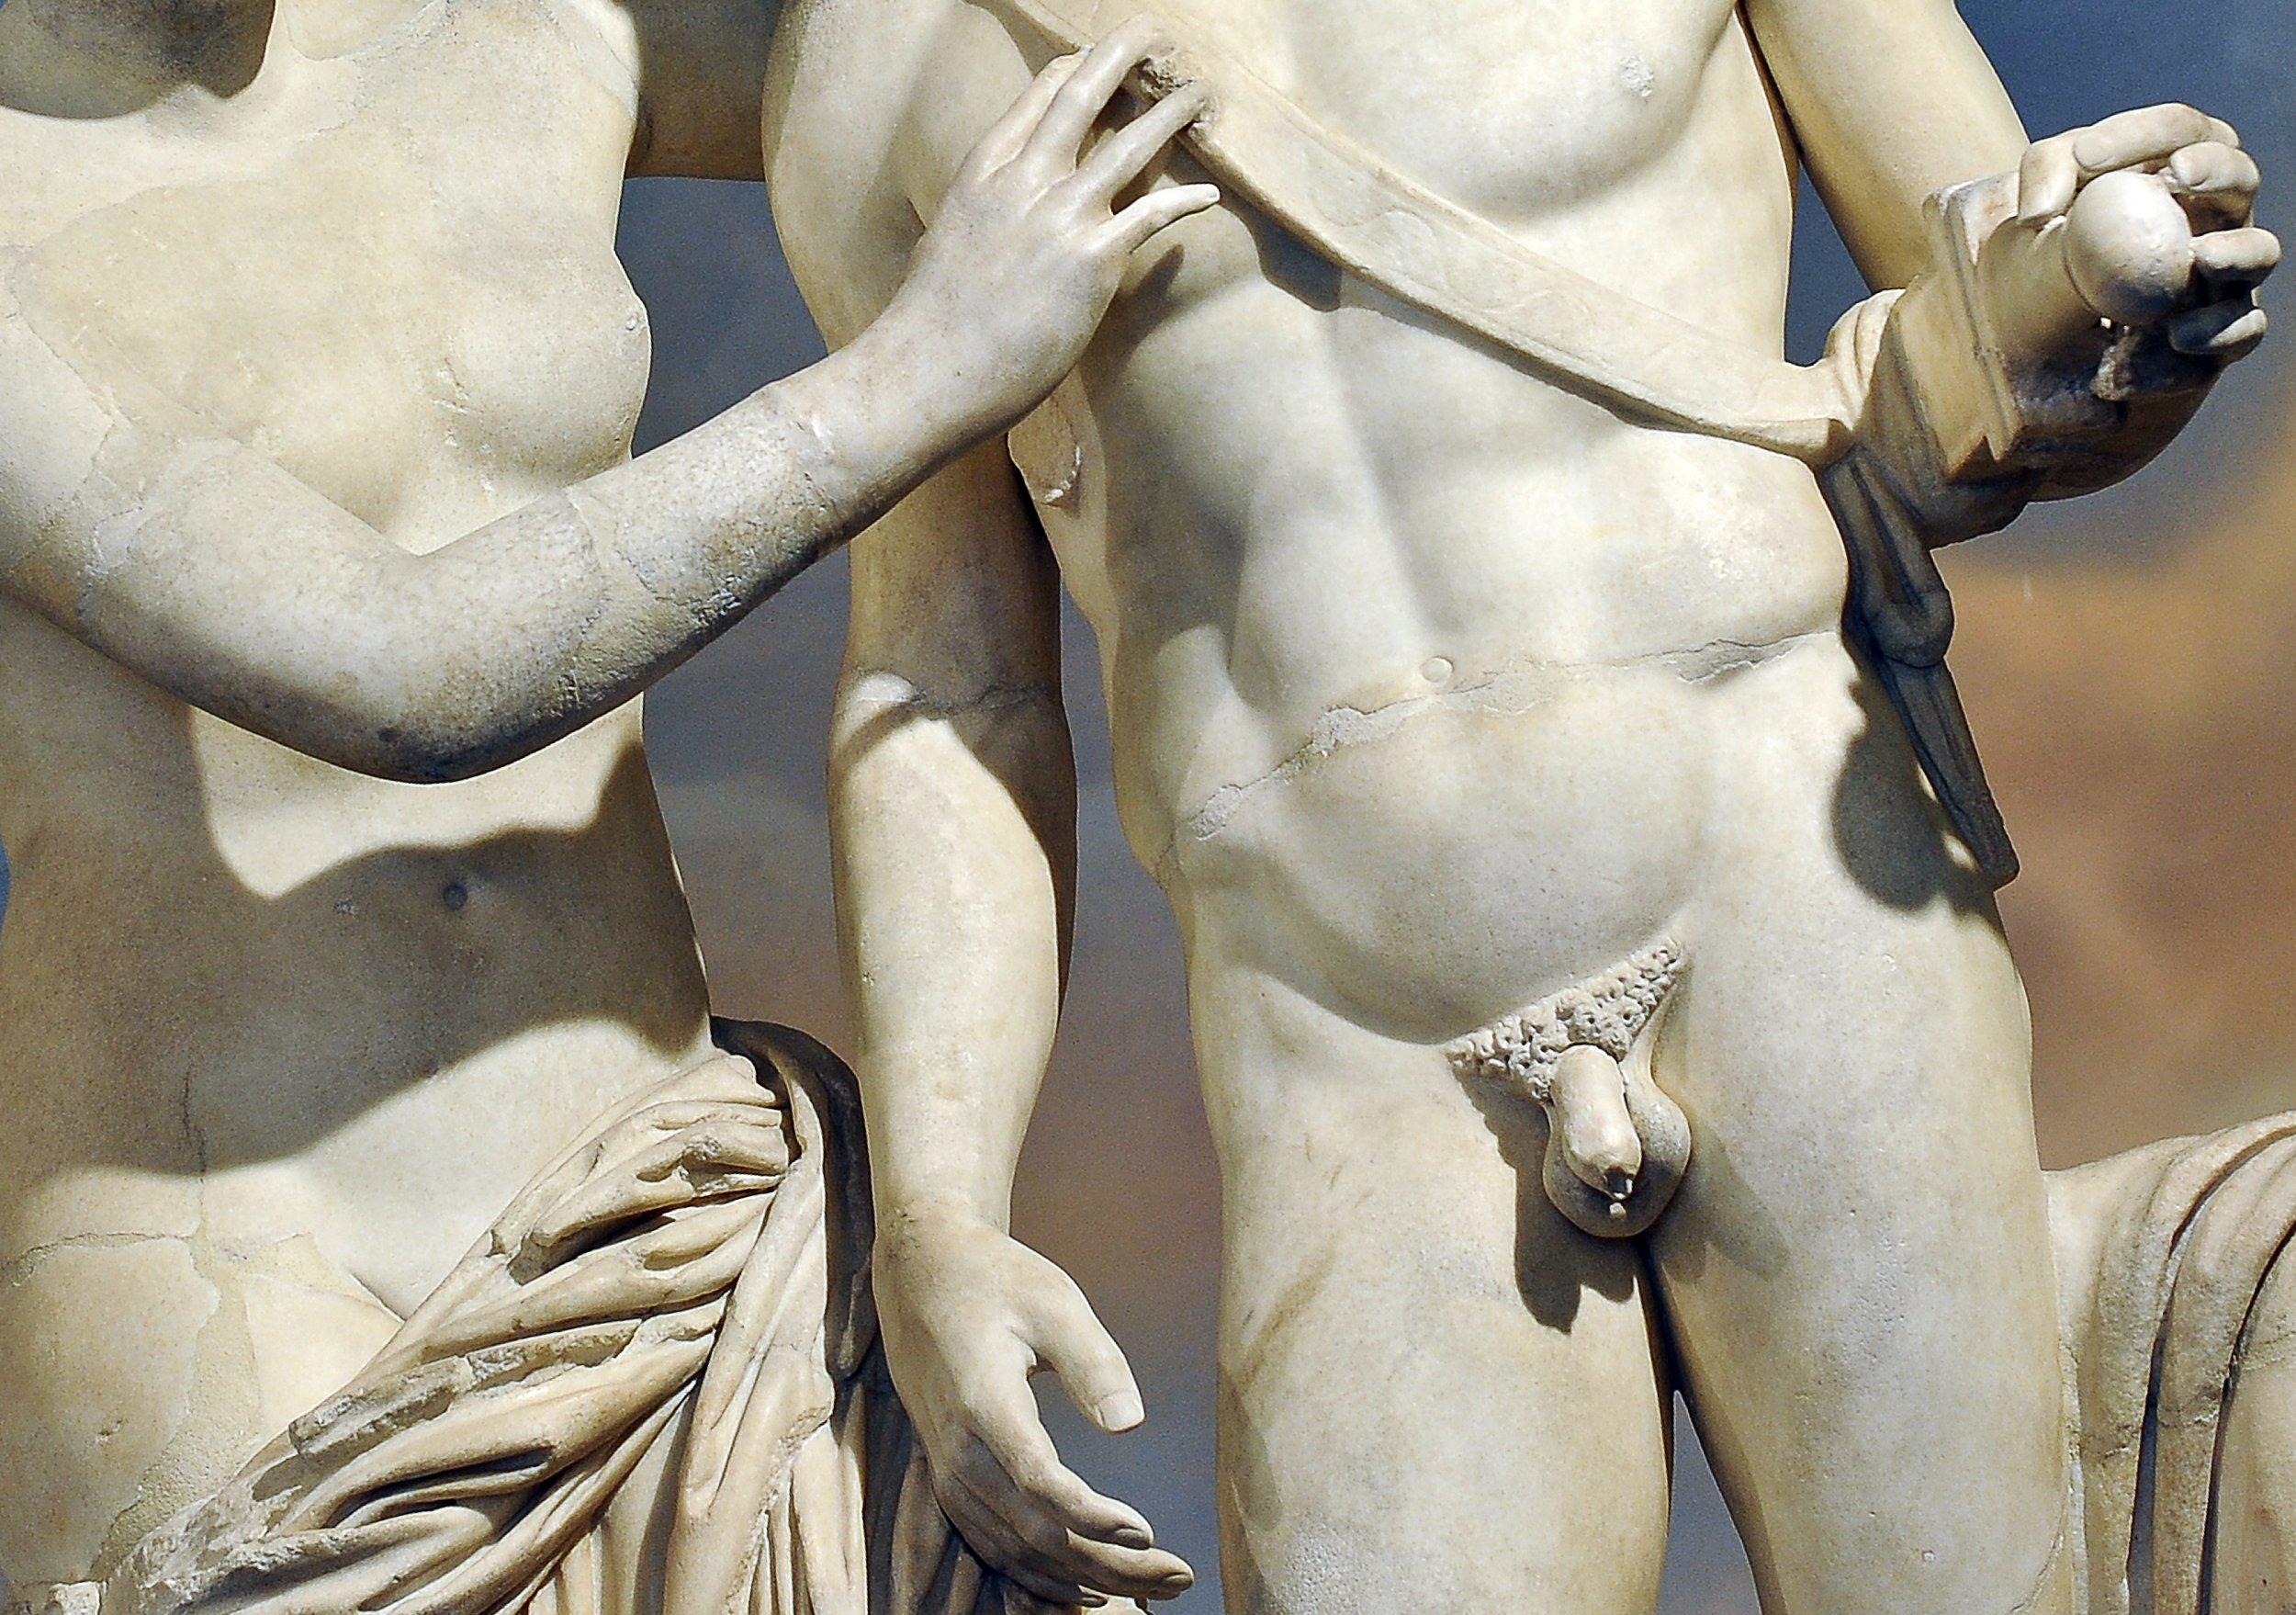 01_04_Penis_Statue